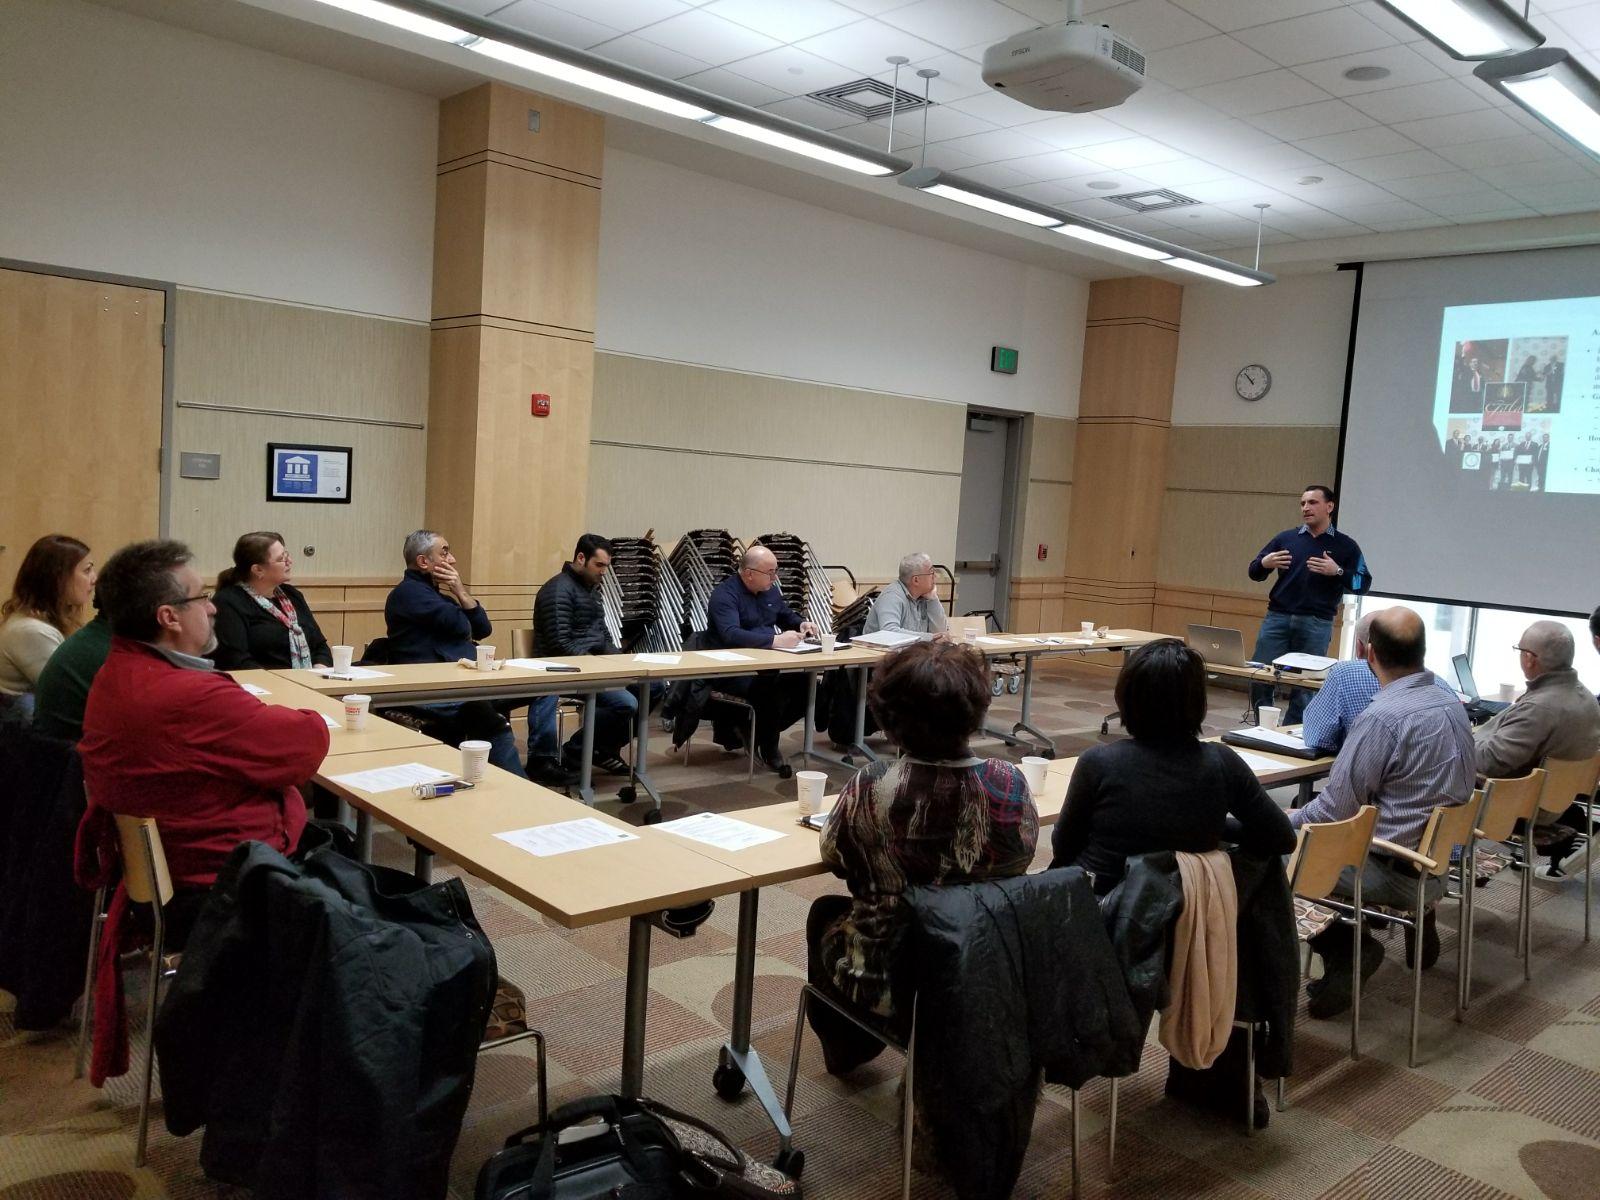 20180203-Meeting-2.jpg